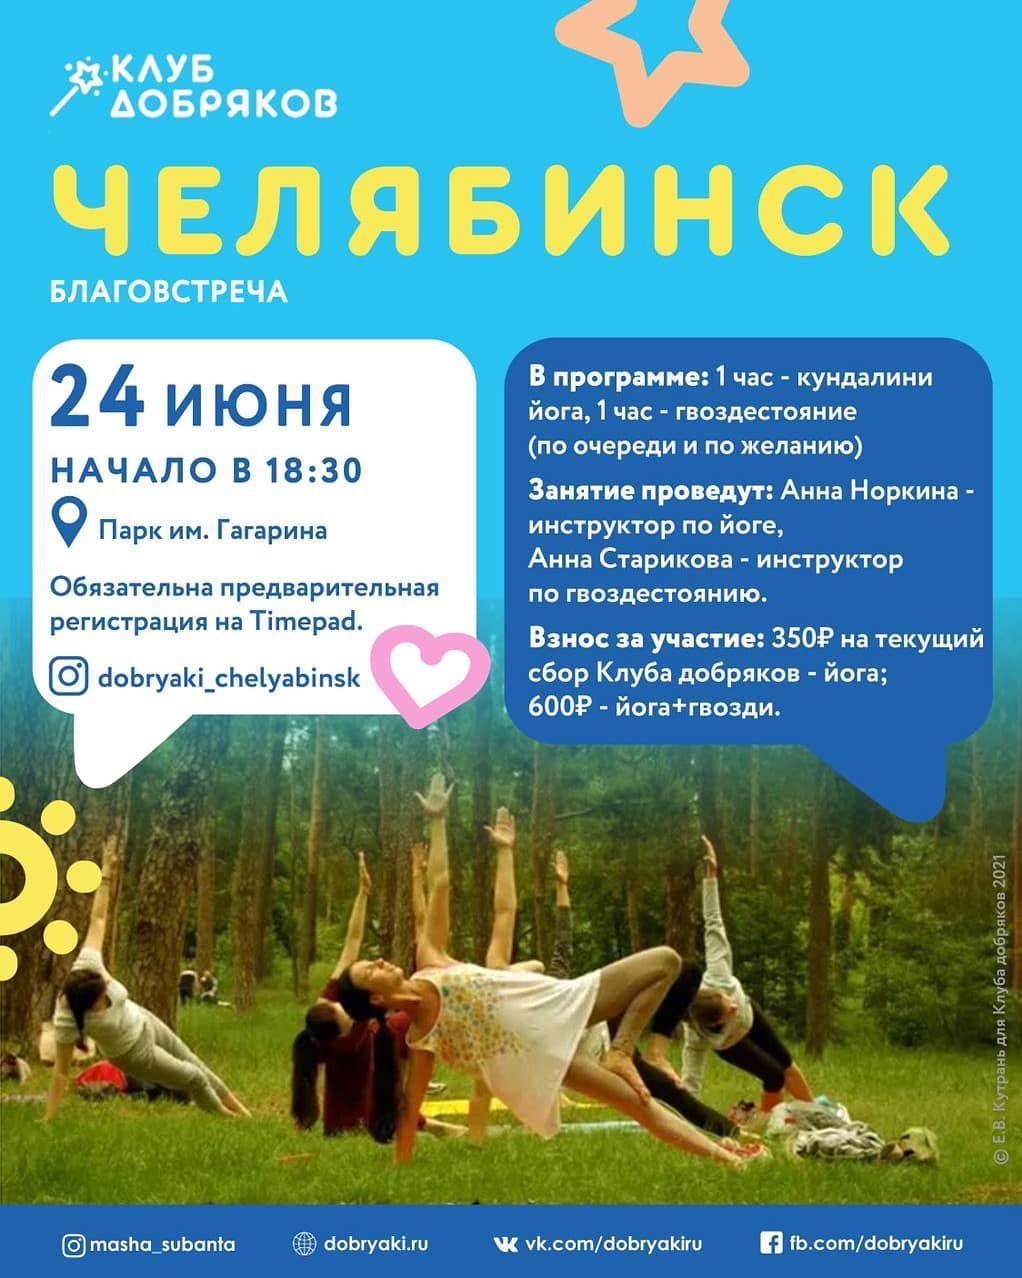 В Челябинске пройдёт благотворительное занятие по йоге и гвоздестоянию